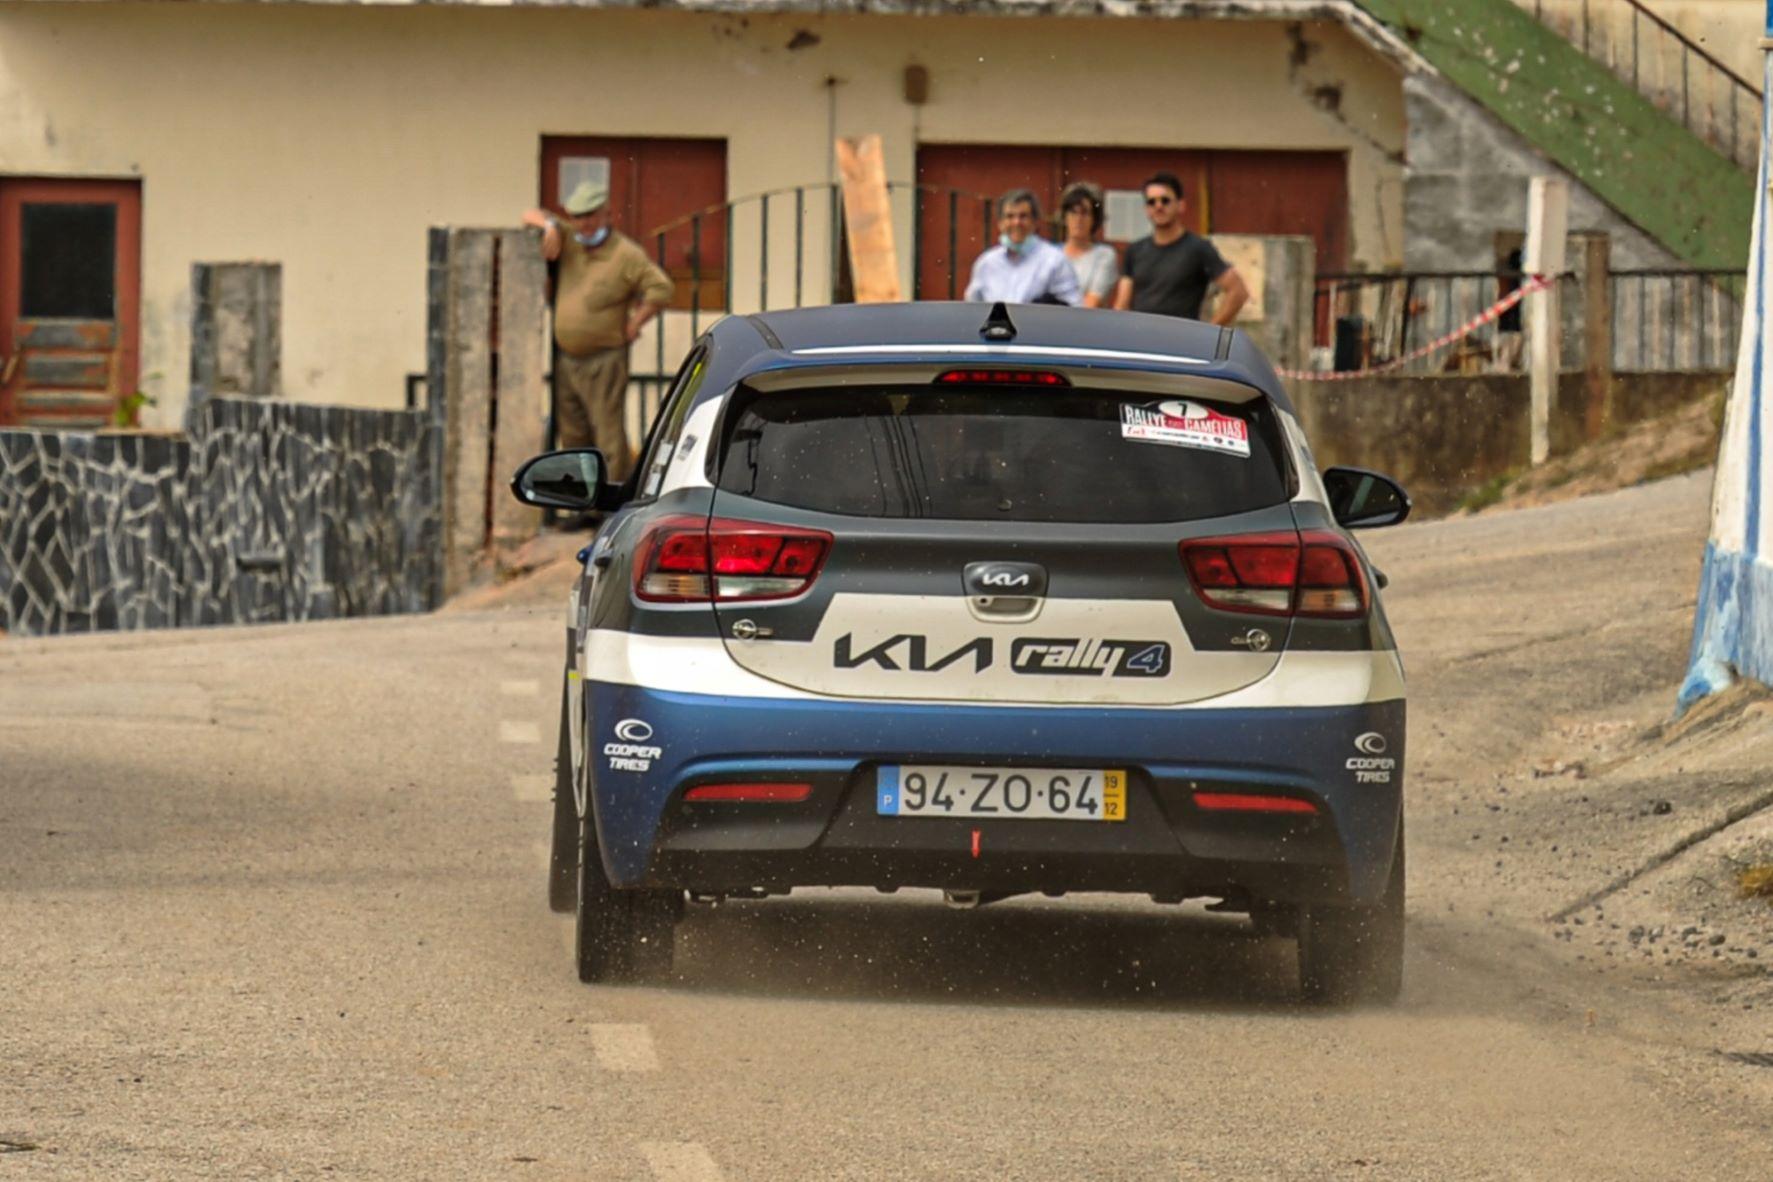 Rali do Vidreiro acolhe regresso do Rio e última jornada do Kia Rally Cup 24